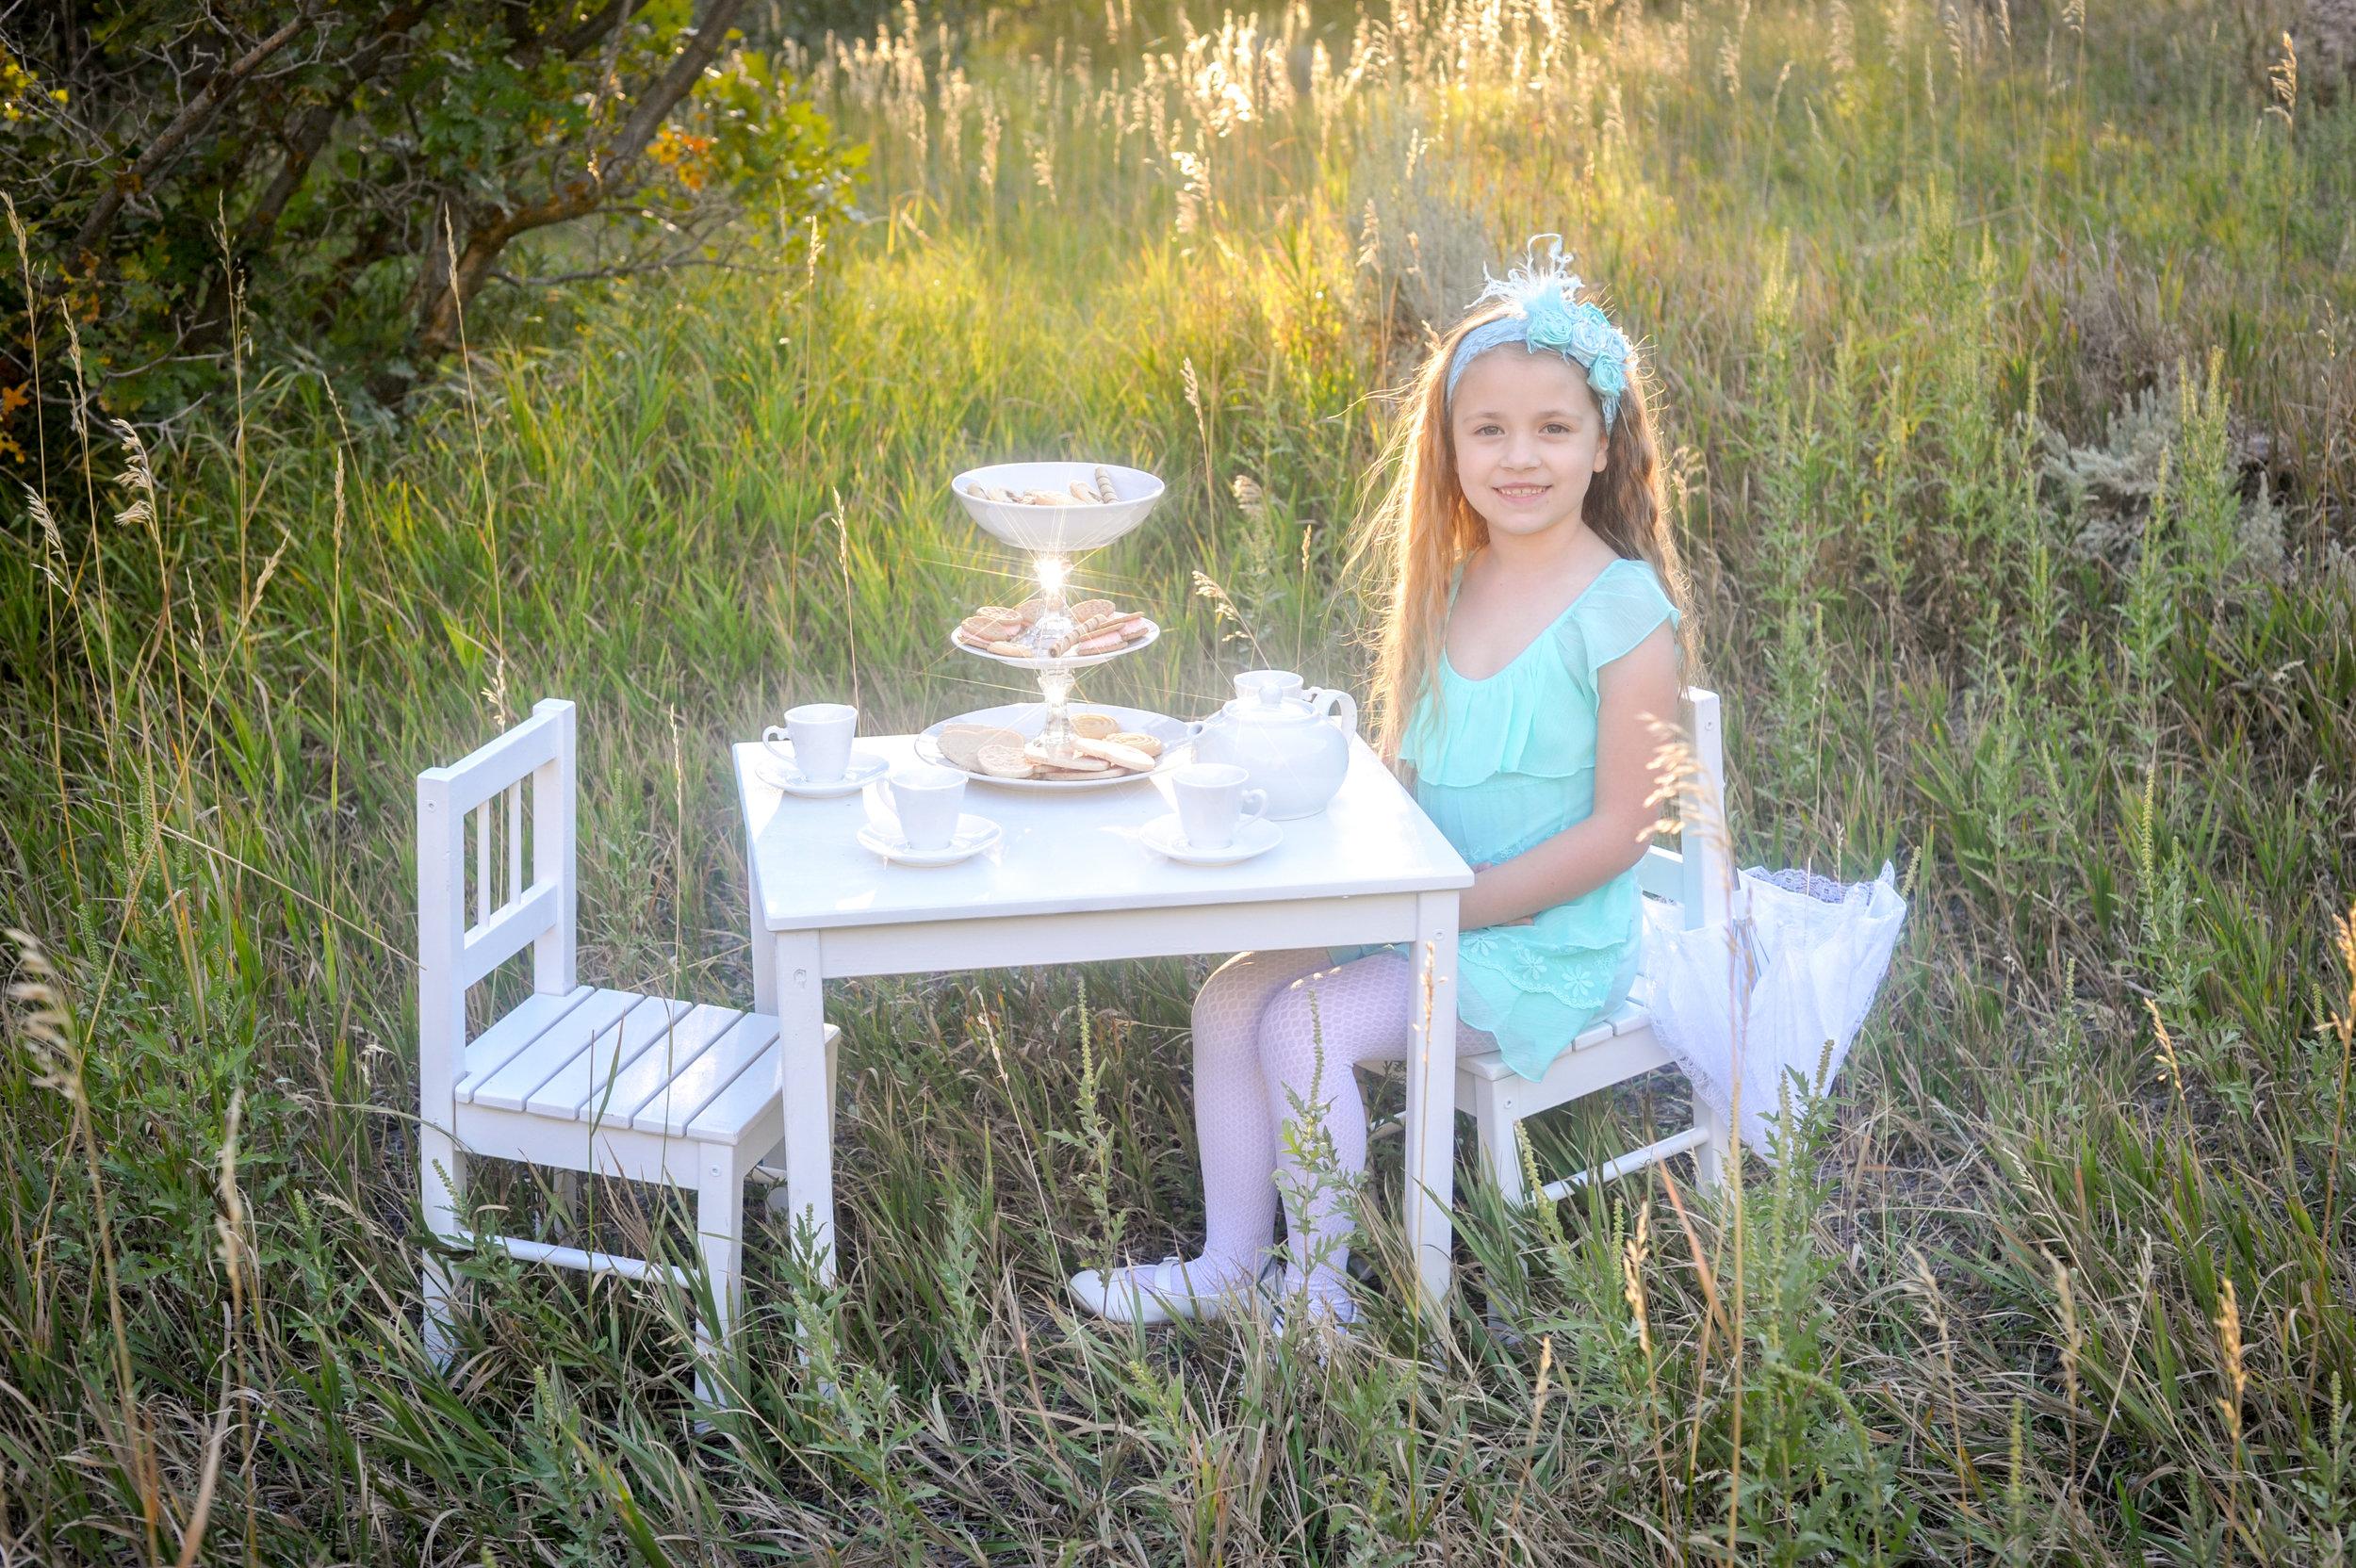 Reese in Wonderland-1.jpg